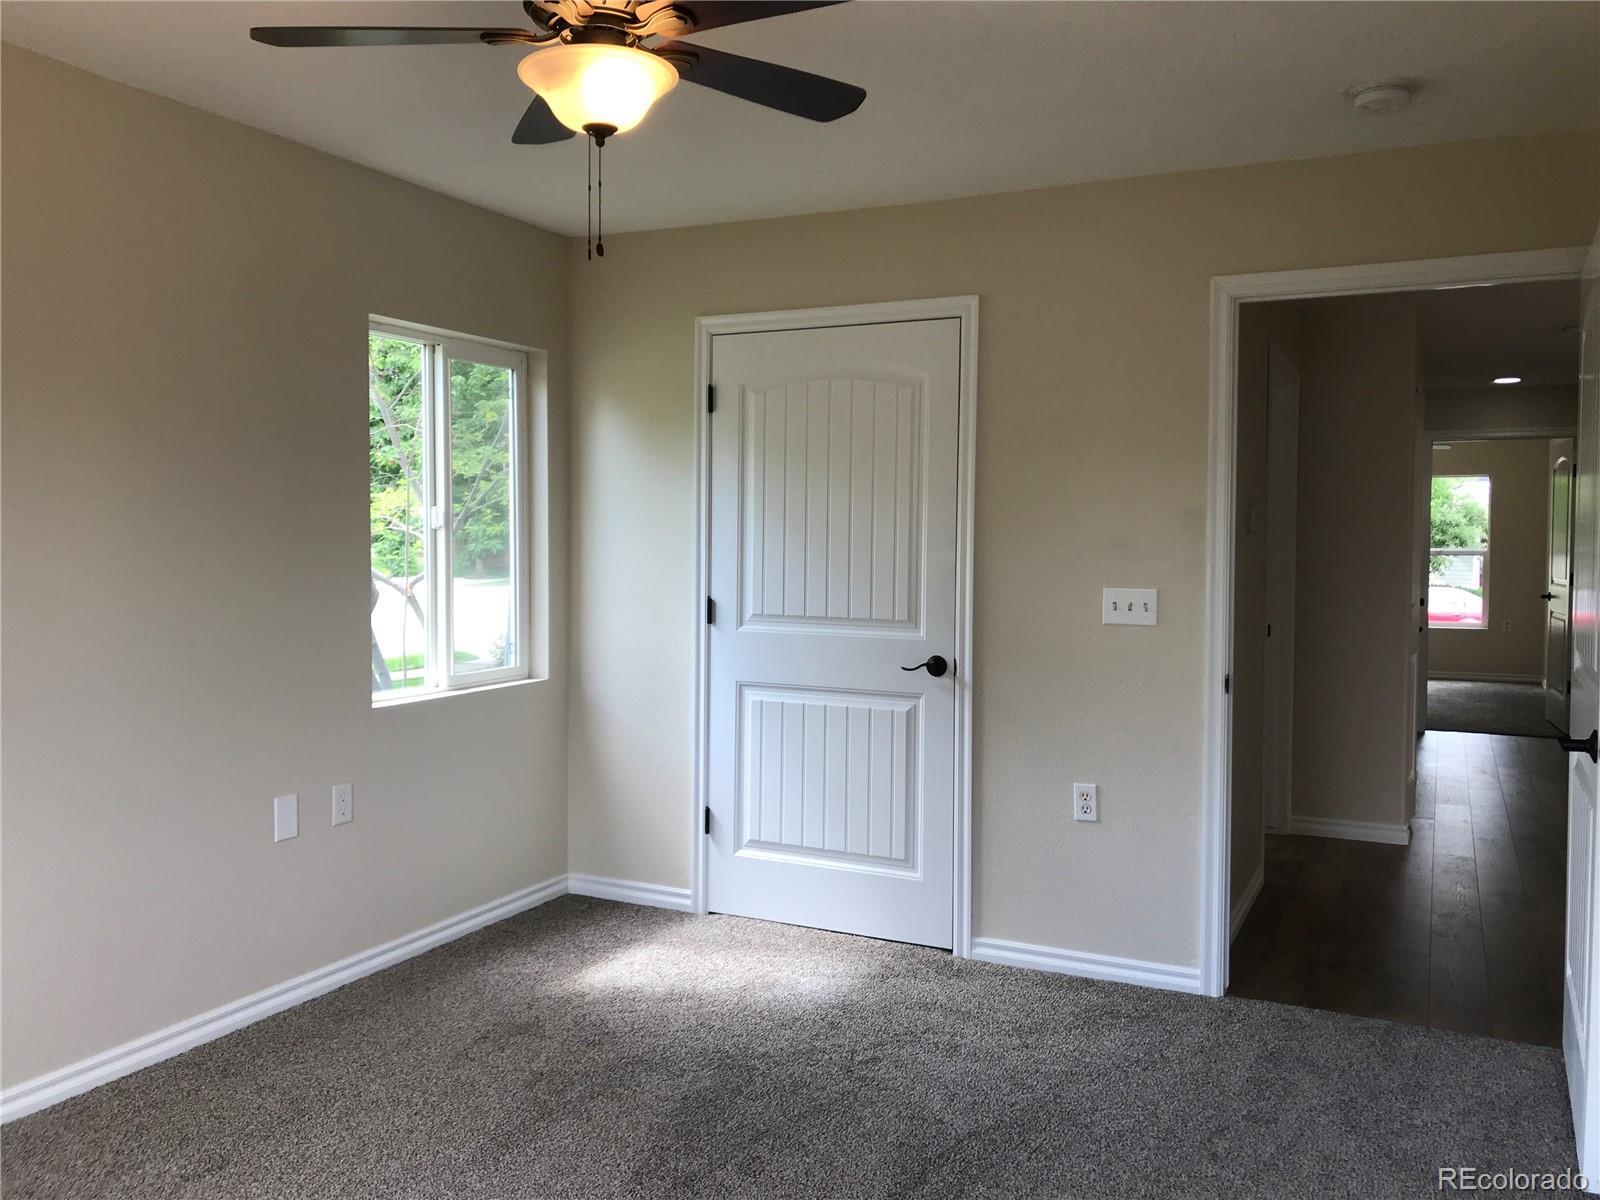 MLS# 6404441 - 9 - 2020 Dove Creek Court, Loveland, CO 80538